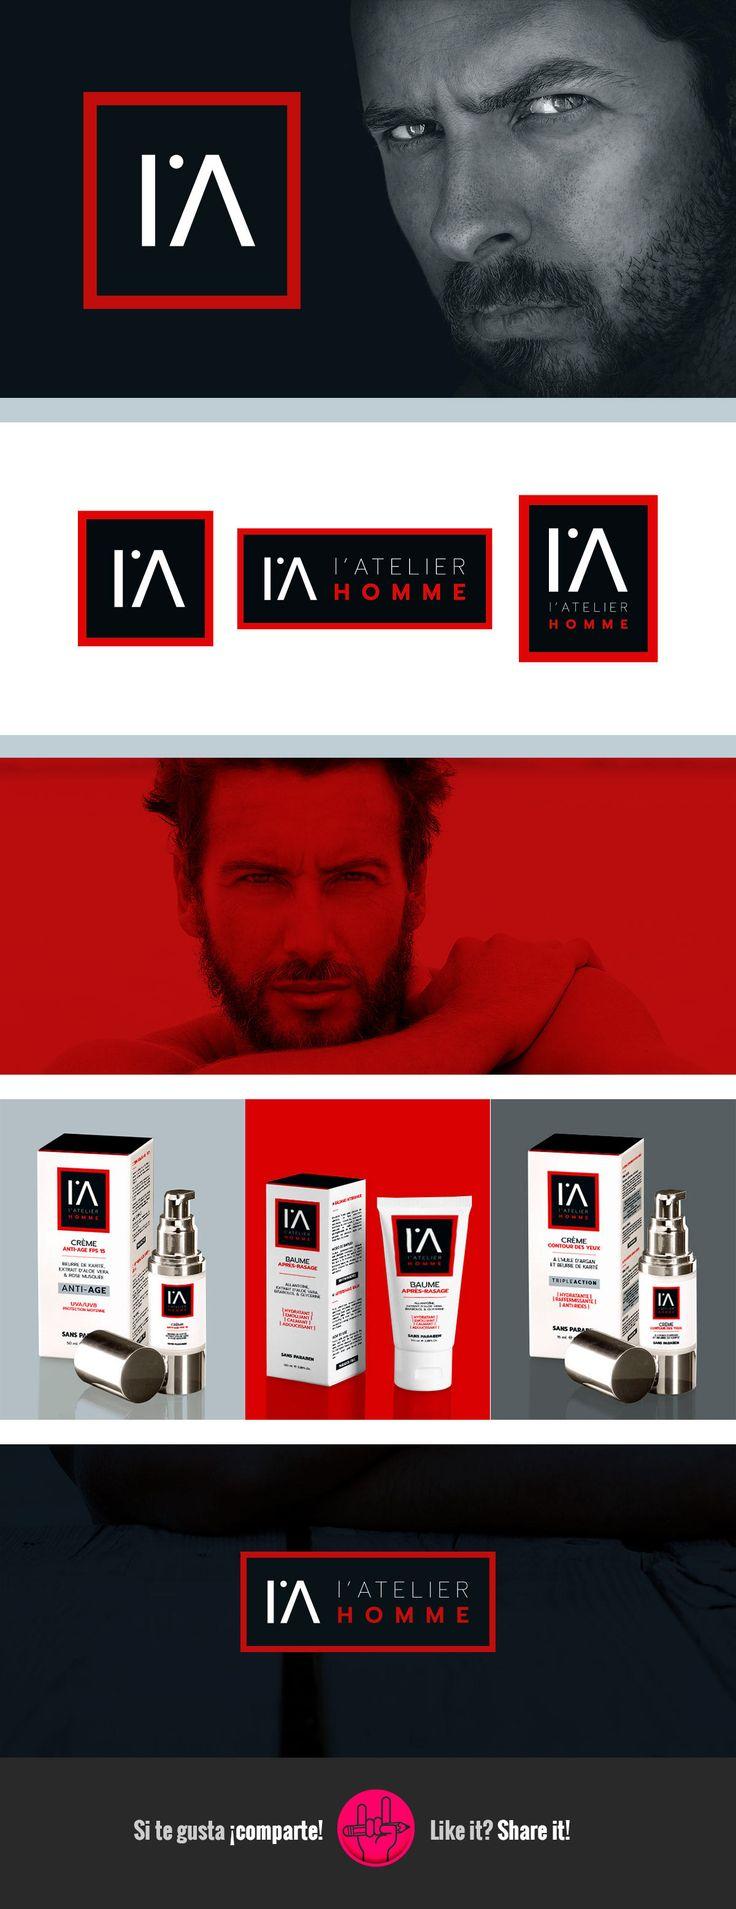 L'Atelier Homme es una nueva marca de belleza y cuidado personal para hombre con presencia online, proyección y muchas ganas de hacer las cosas bien.   Para su primer lanzamiento de cremas: contorno de ojos, antiage y aftershave hemos creado juntos el logotipo y adaptado los diferentes packaging de producto.